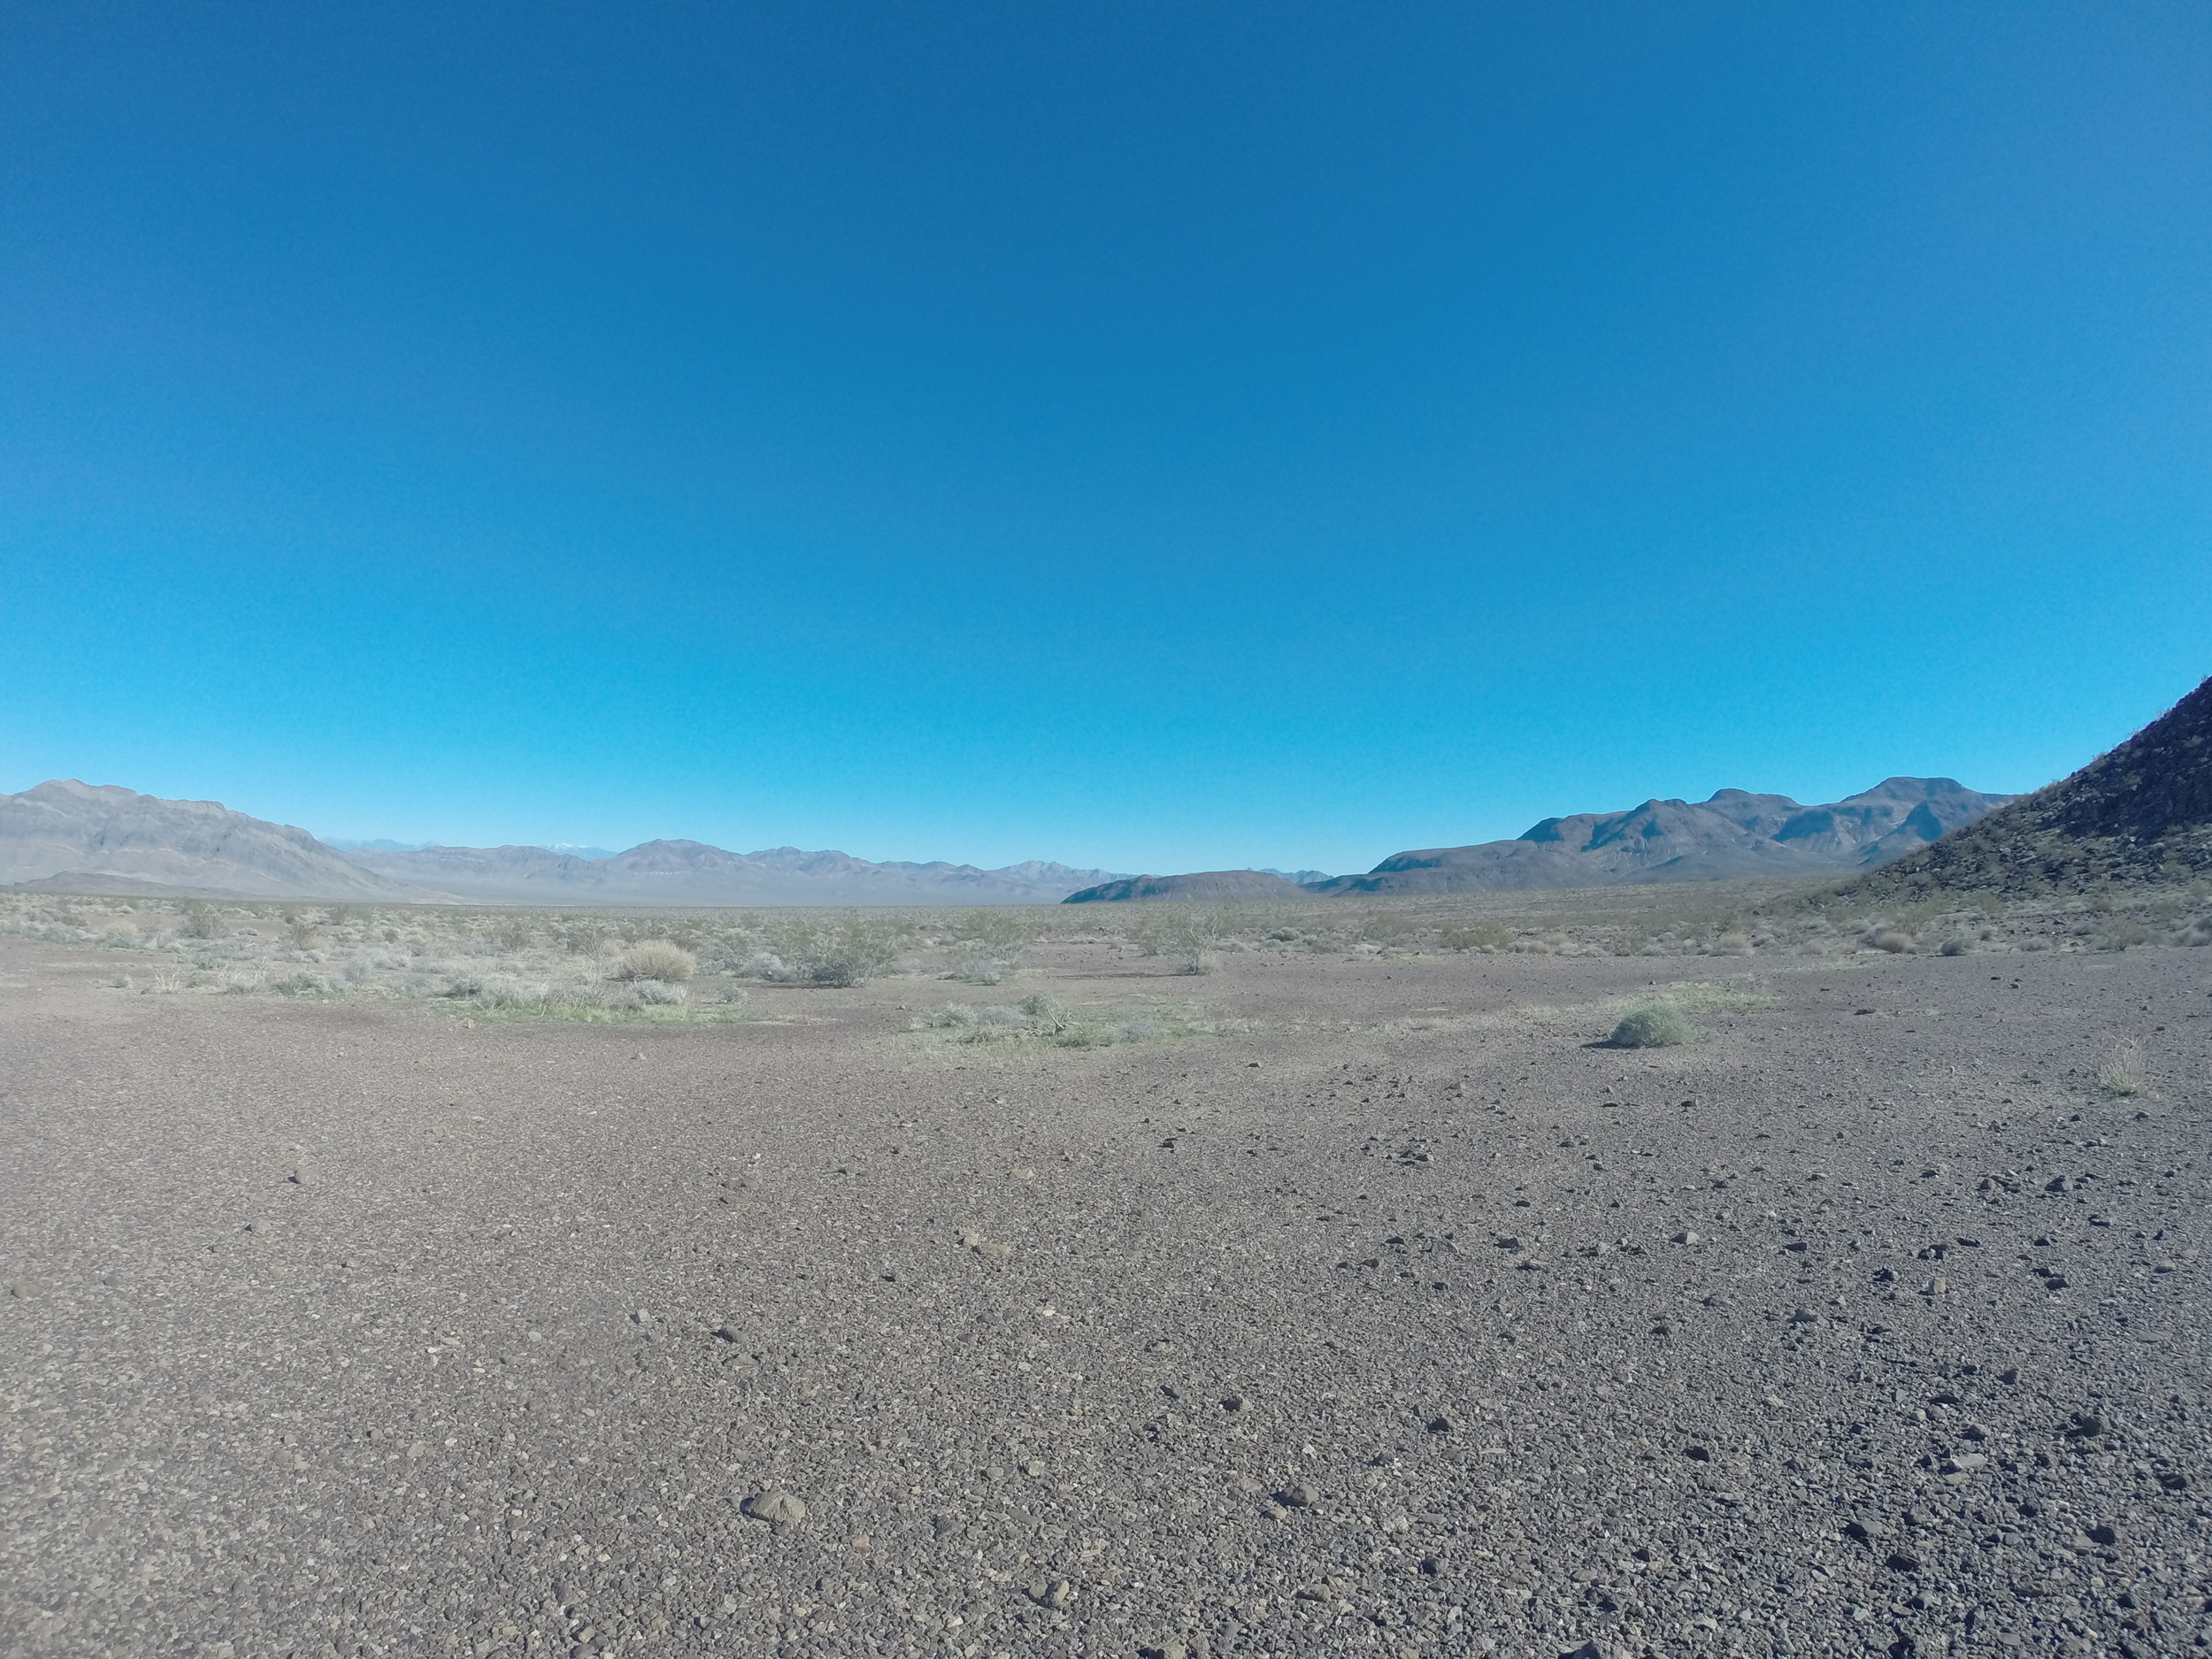 Cutting across the desert